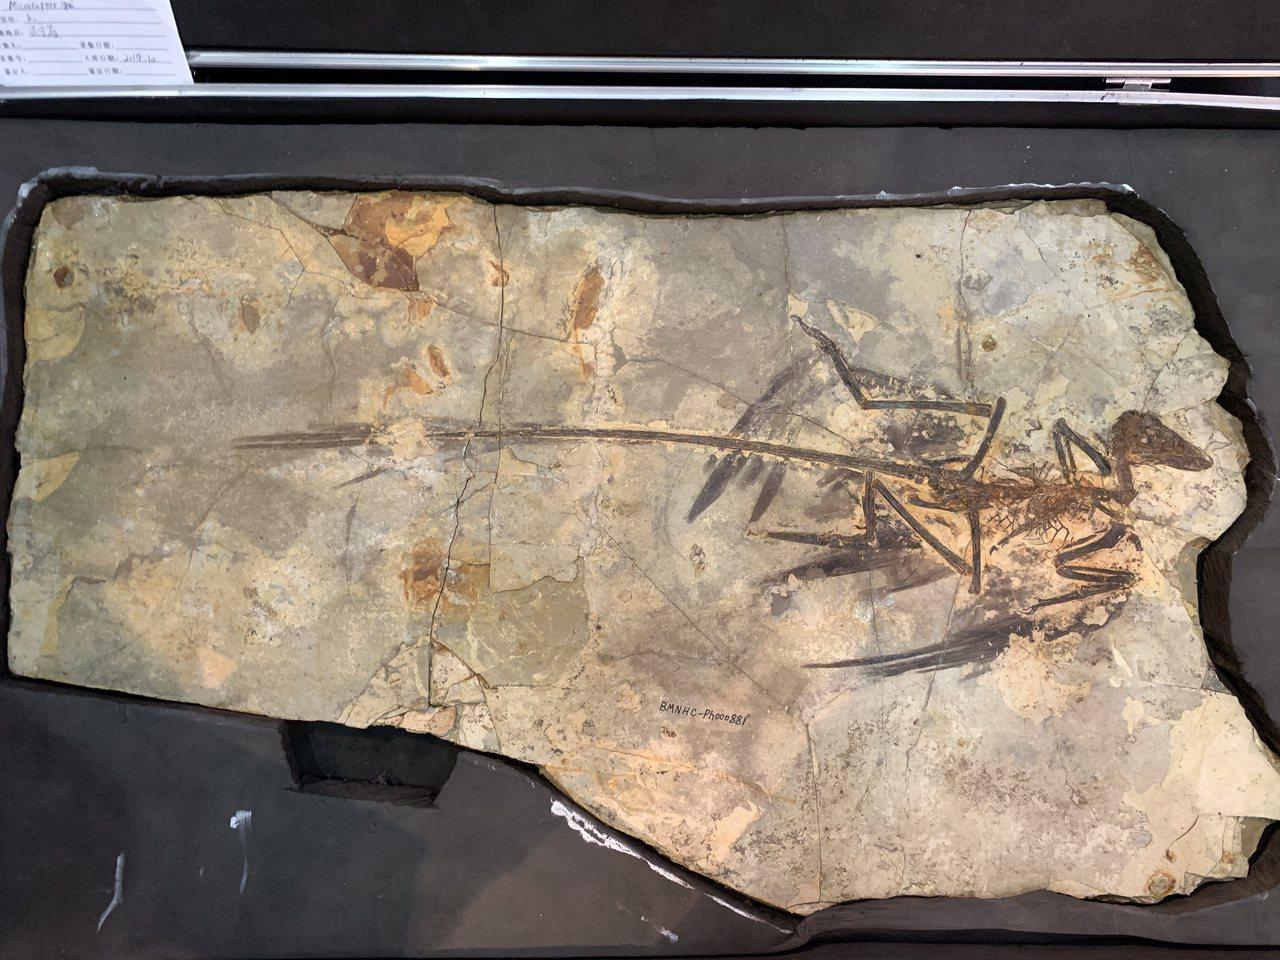 白堊紀早期的「顧氏小盜龍」化石,牠體長約70-80公分,體重估計1公斤,兩翅羽毛...